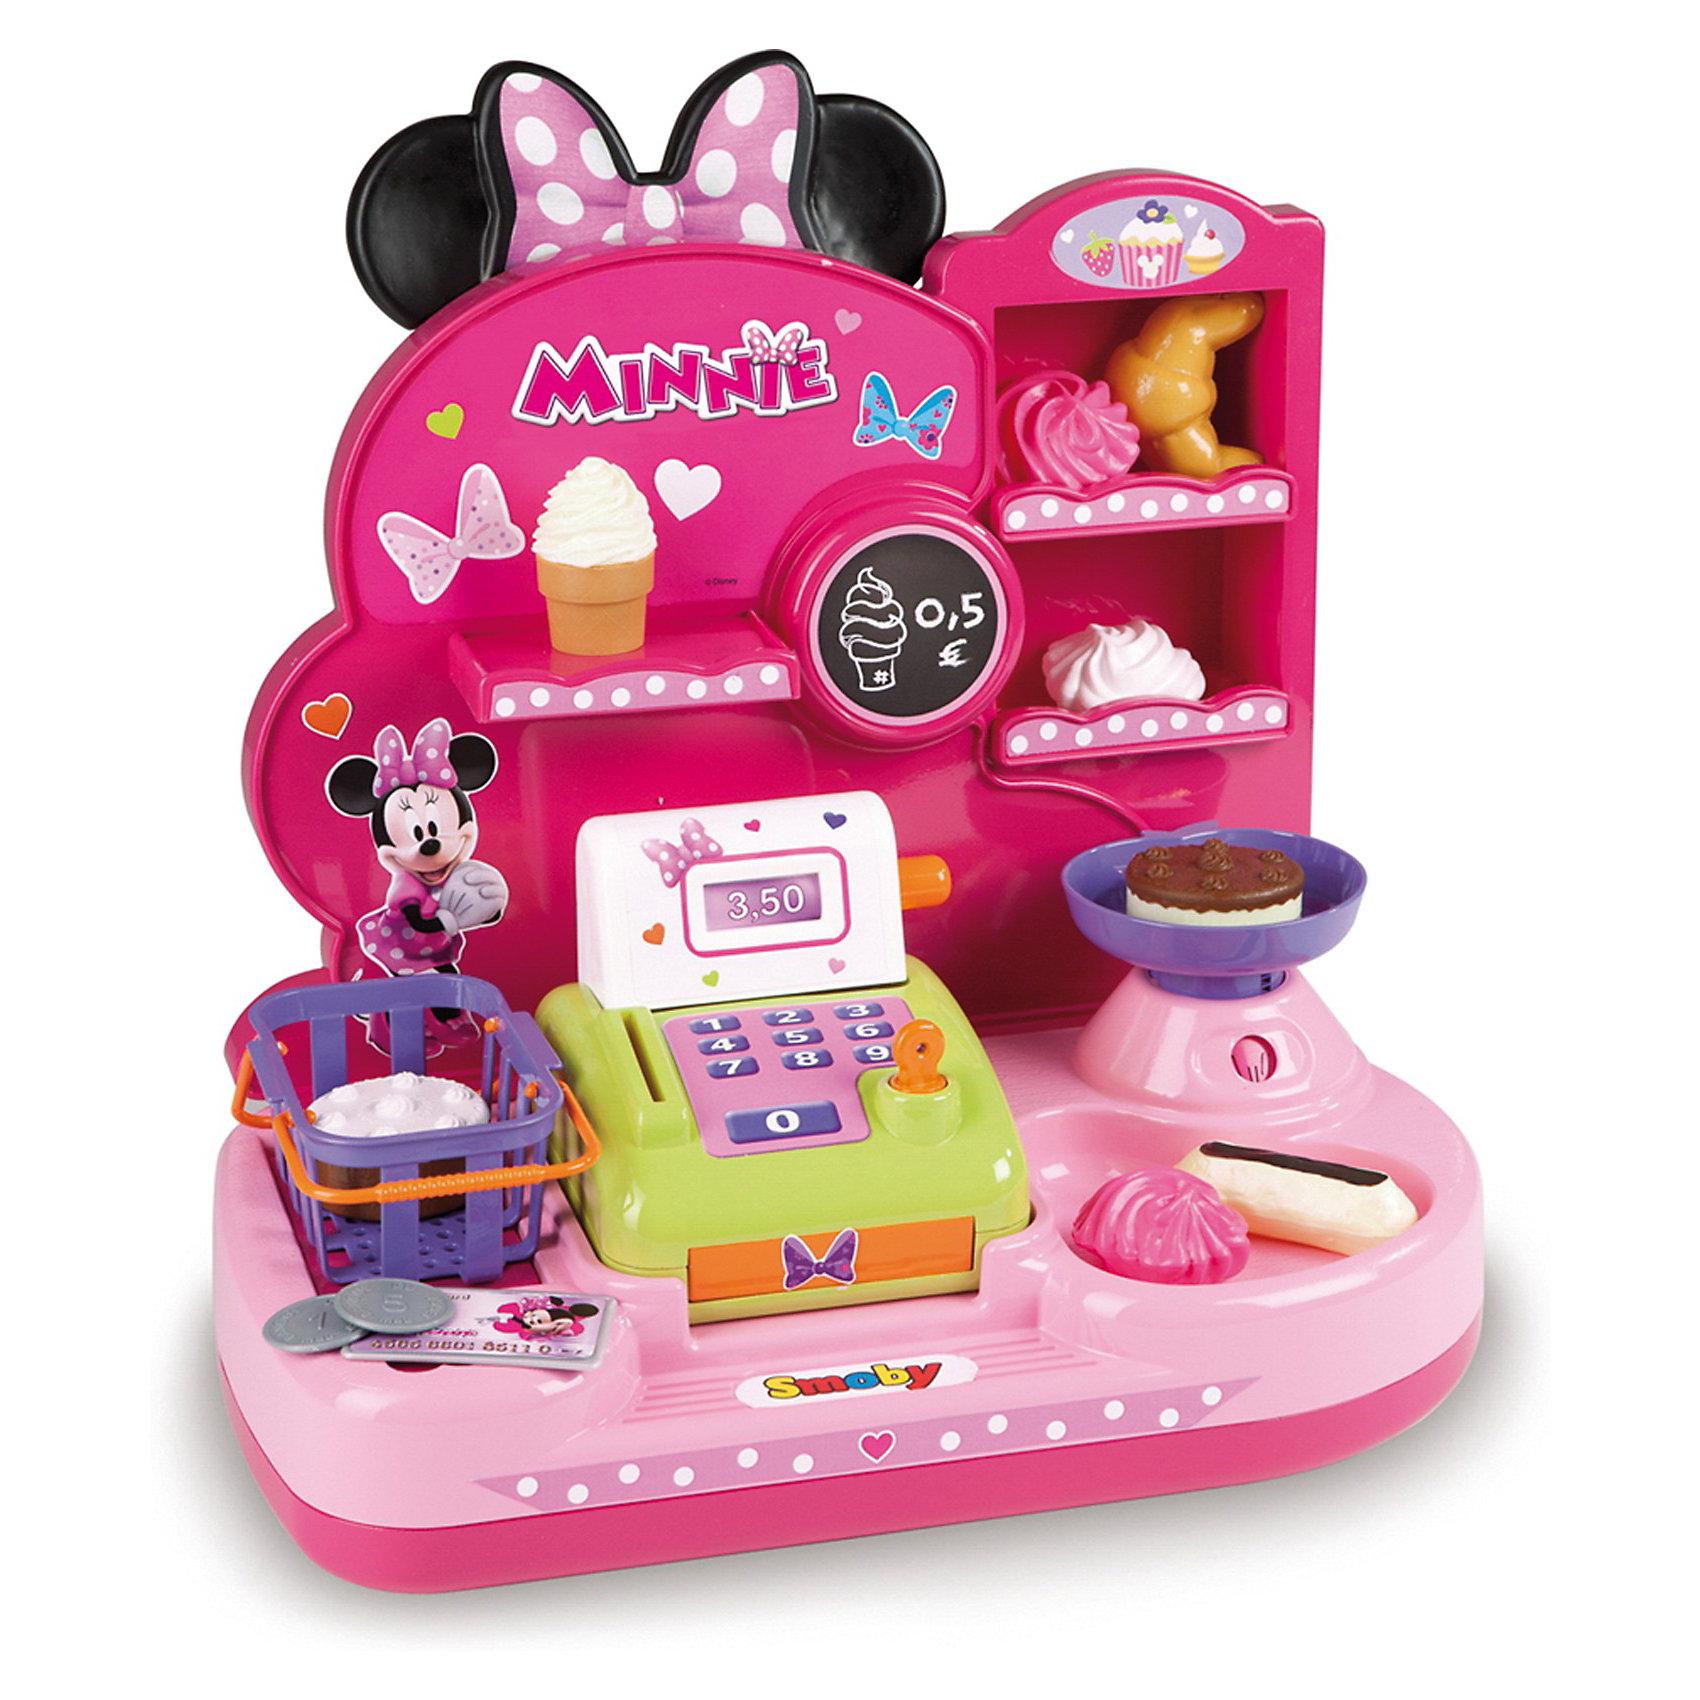 Мини-магазин, Smoby, Minnie MouseХарактеристики:<br><br>• аксессуары, 16 шт.;<br>• материал: пластик;<br>• размер кассы: 36,5х22х42 см;<br>• размер упаковки: 40х39х15 см.<br><br>Игрушечная касса – незаменимая вещь в магазине. Магазин сладостей Minnie Mouse предлагает своим покупателям пирожные, кексы, рогалики, булочки и зефир. Имеются специальные весы. Весь товар аккуратно разложен по полочкам, все, что понравится сладкоежкам, можно складывать в корзинку с ручками. Оплатить покупки можно игрушечными купюрами и монетами. Набор оформлен в стиле мышки Минни.<br><br>Мини-магазин, Smoby, Winx Club можно купить в нашем магазине.<br><br>Ширина мм: 360<br>Глубина мм: 220<br>Высота мм: 420<br>Вес г: 1000<br>Возраст от месяцев: 36<br>Возраст до месяцев: 72<br>Пол: Женский<br>Возраст: Детский<br>SKU: 3344669